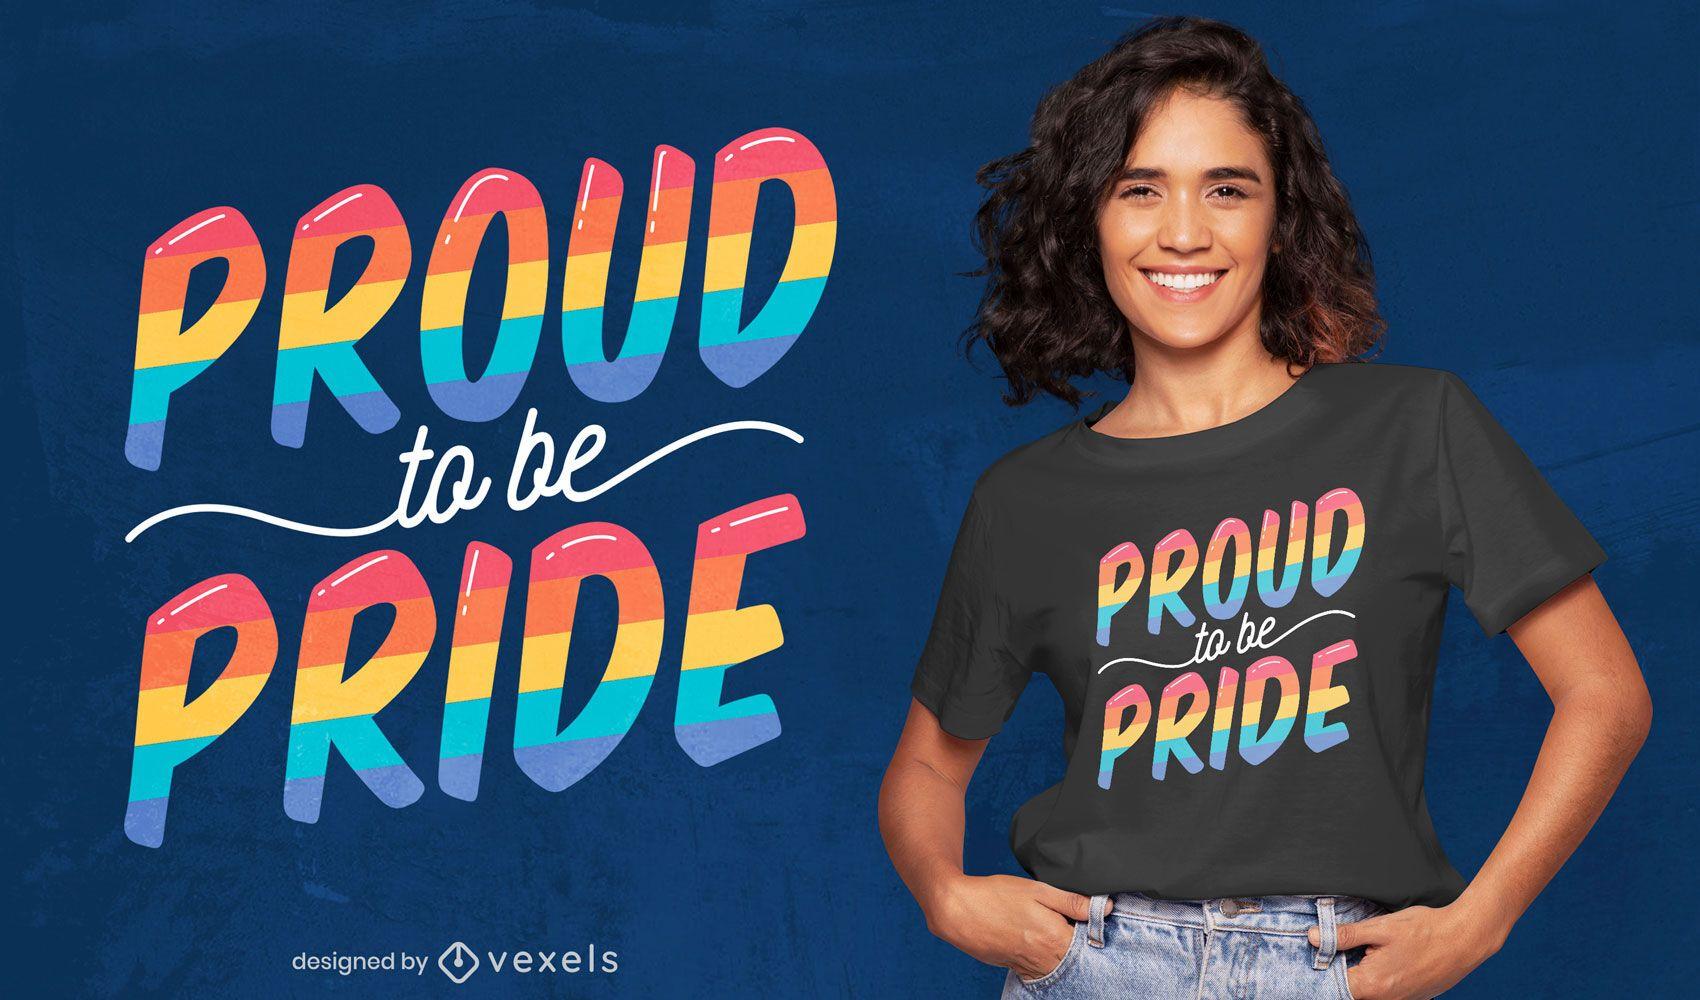 Dise?o de camiseta orgulloso de ser orgullo